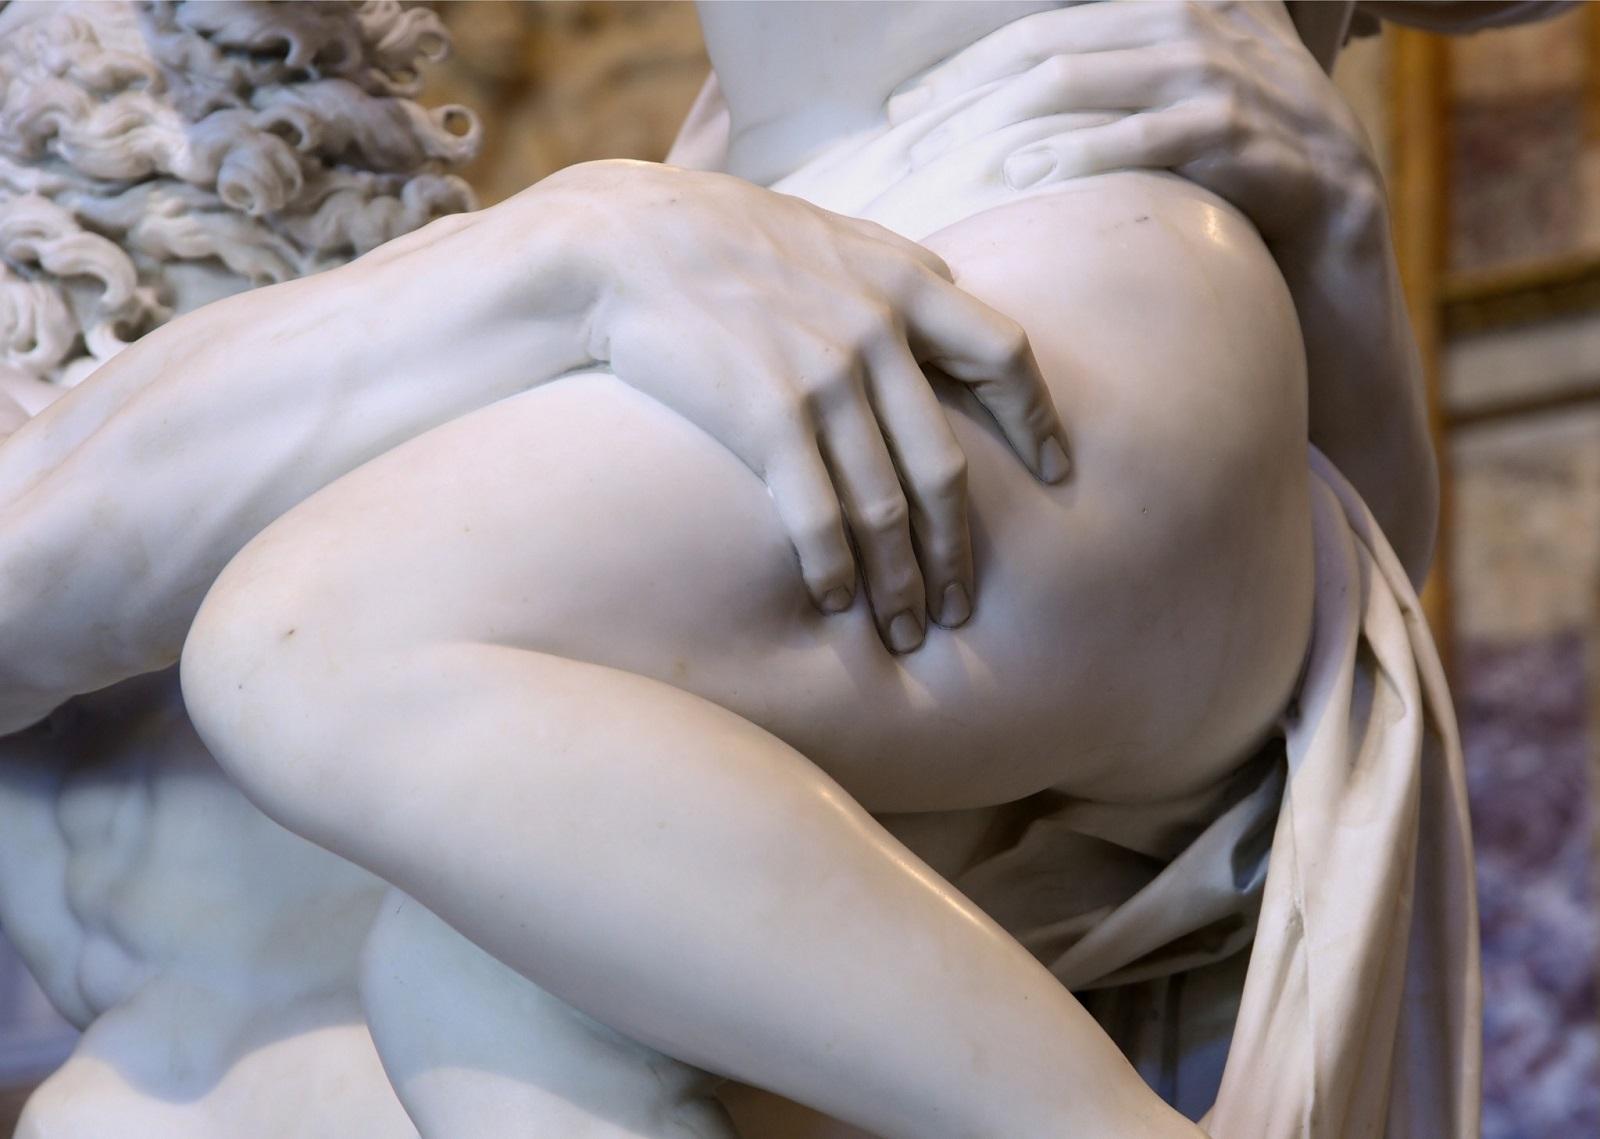 Скульптура_Джан-Лоренцо-Бернини_Похищение-Прозерпины-1621-22_04.jpg